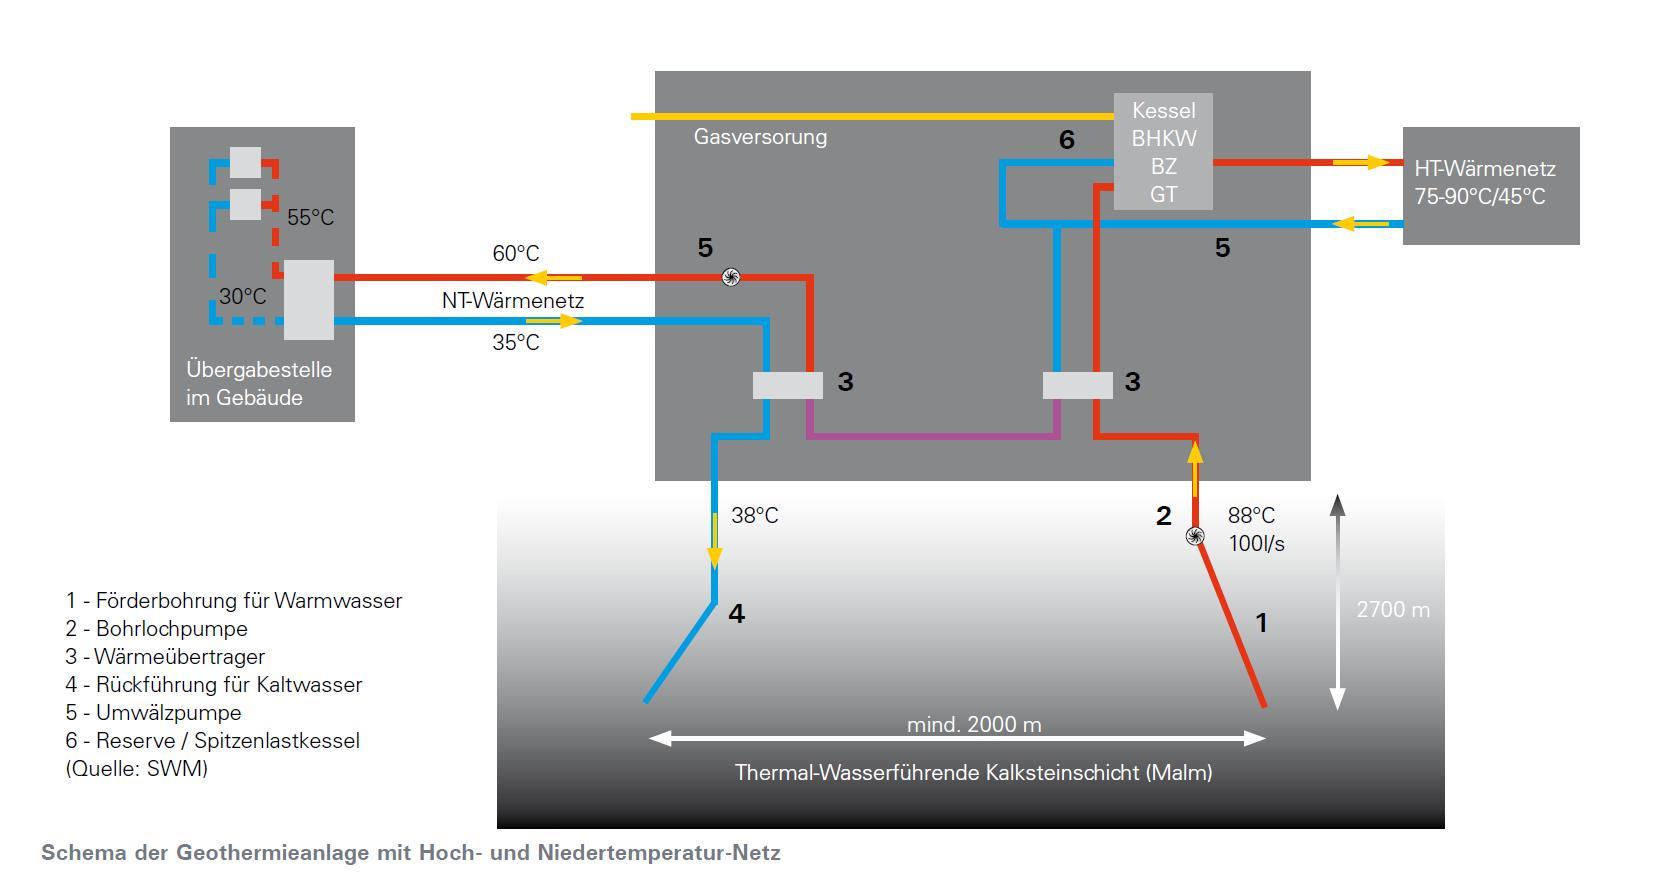 Gemütlich Warmwasser Zylinder Diagramm Fotos - Verdrahtungsideen ...